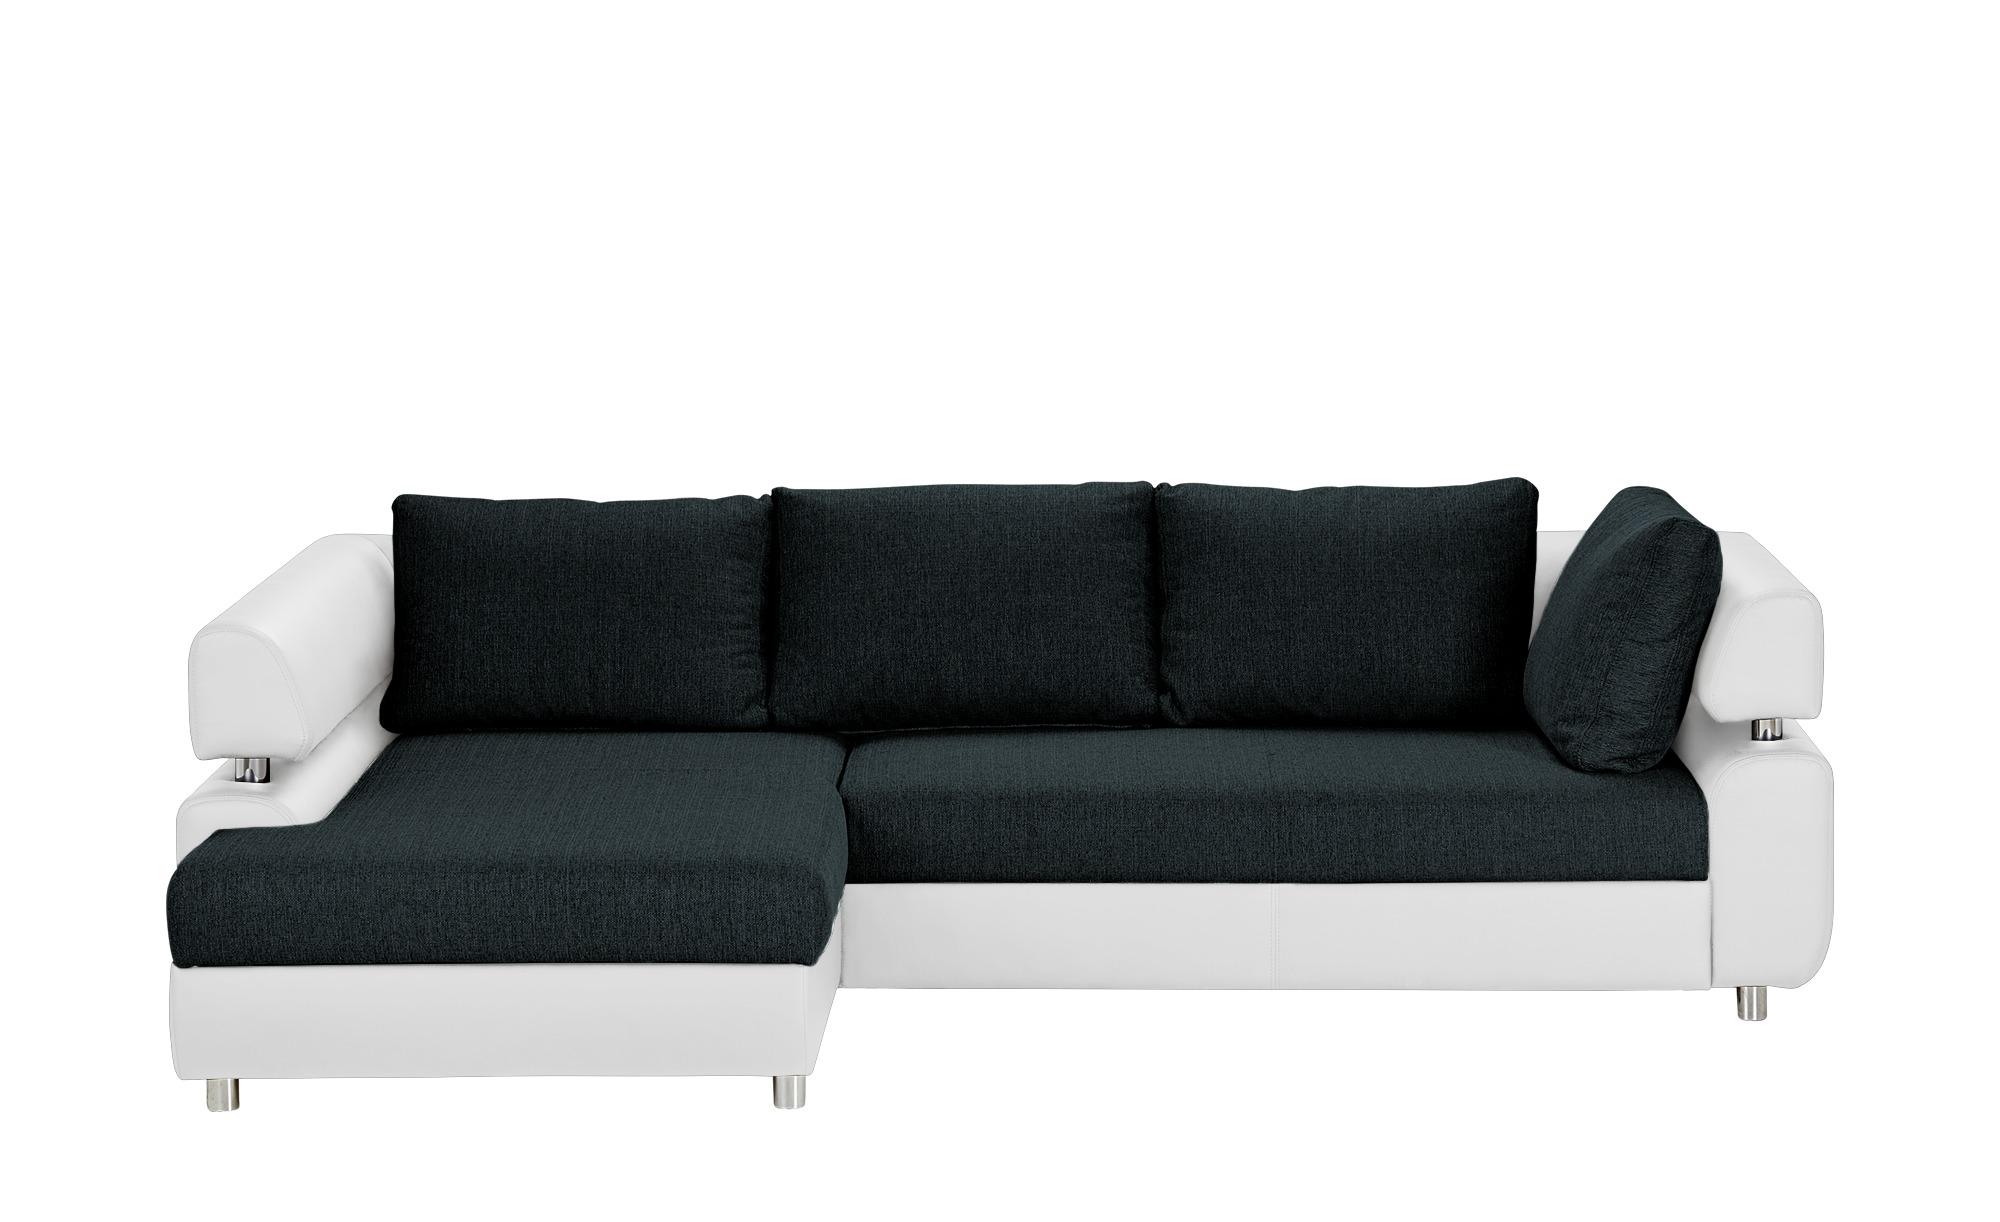 Switch Ecksofa Zweifarbig Panama Jetzt Bestellen Unter Https Moebel Ladendirekt De Wohnzimmer Sofas Ecksofas Eckcouches Sofa Sectional Couch Outdoor Sofa